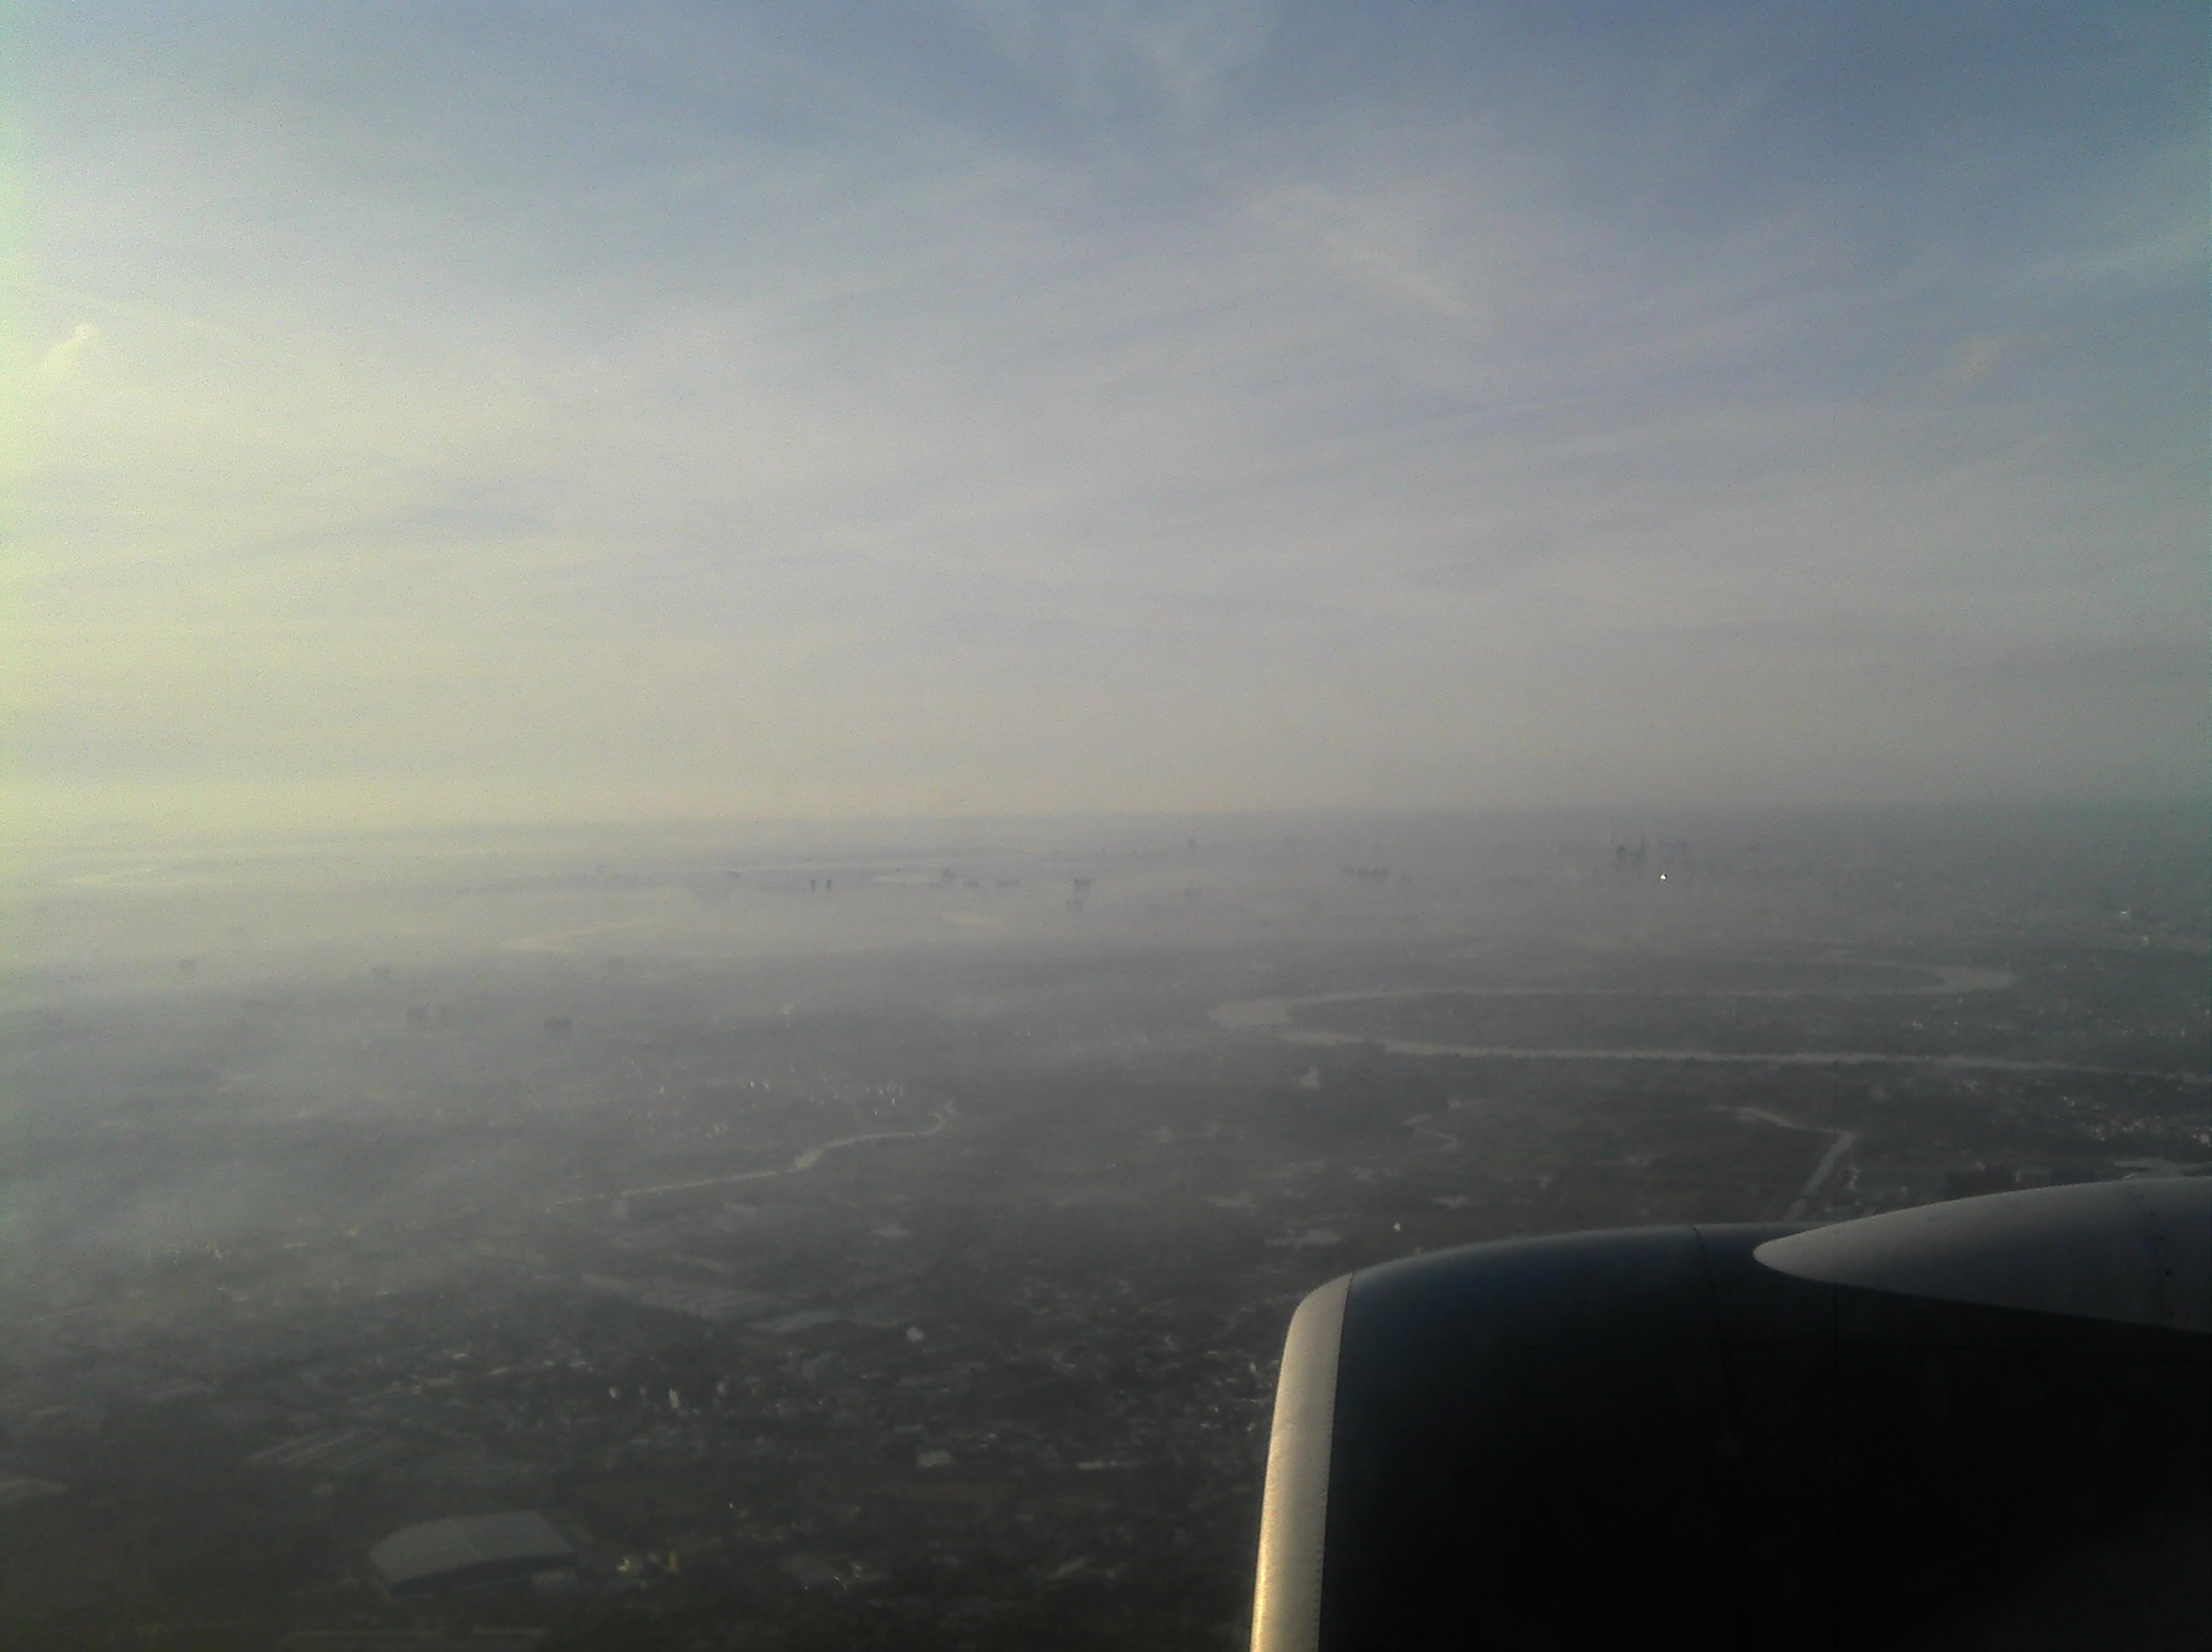 Saigon from the air